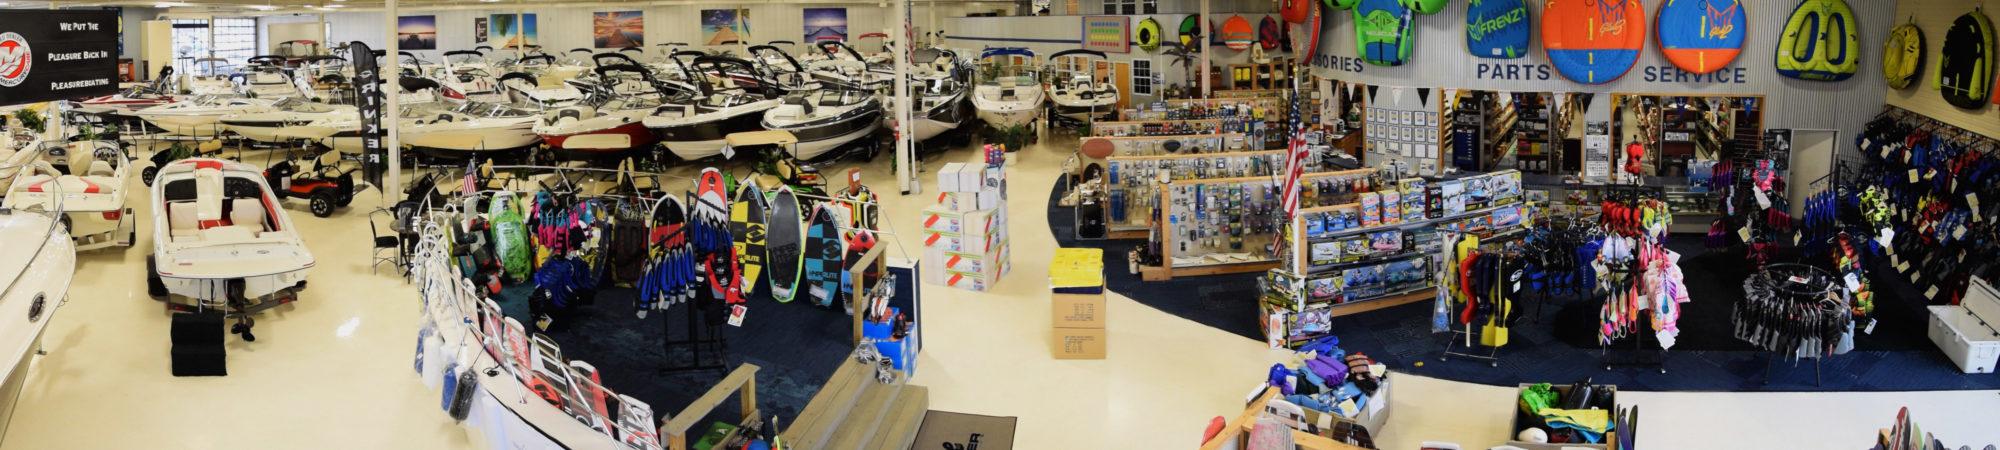 marine center showroom